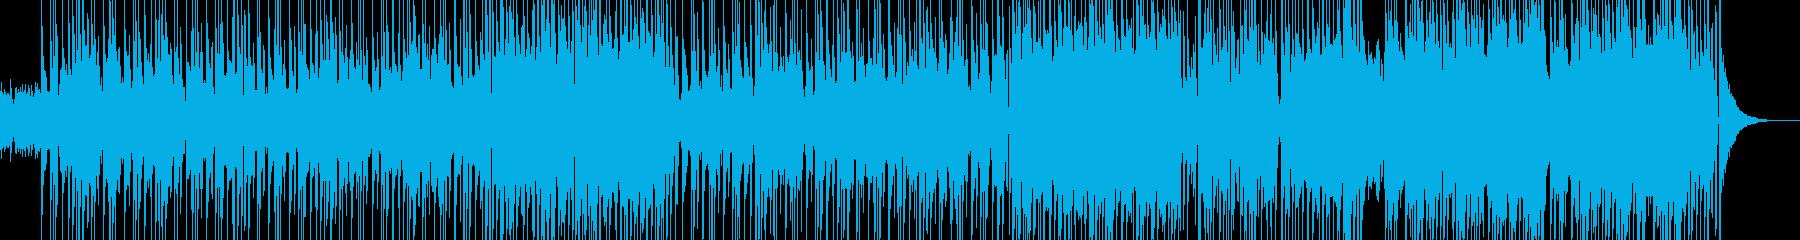 サックス・優しく切ない雰囲気に R&Bの再生済みの波形